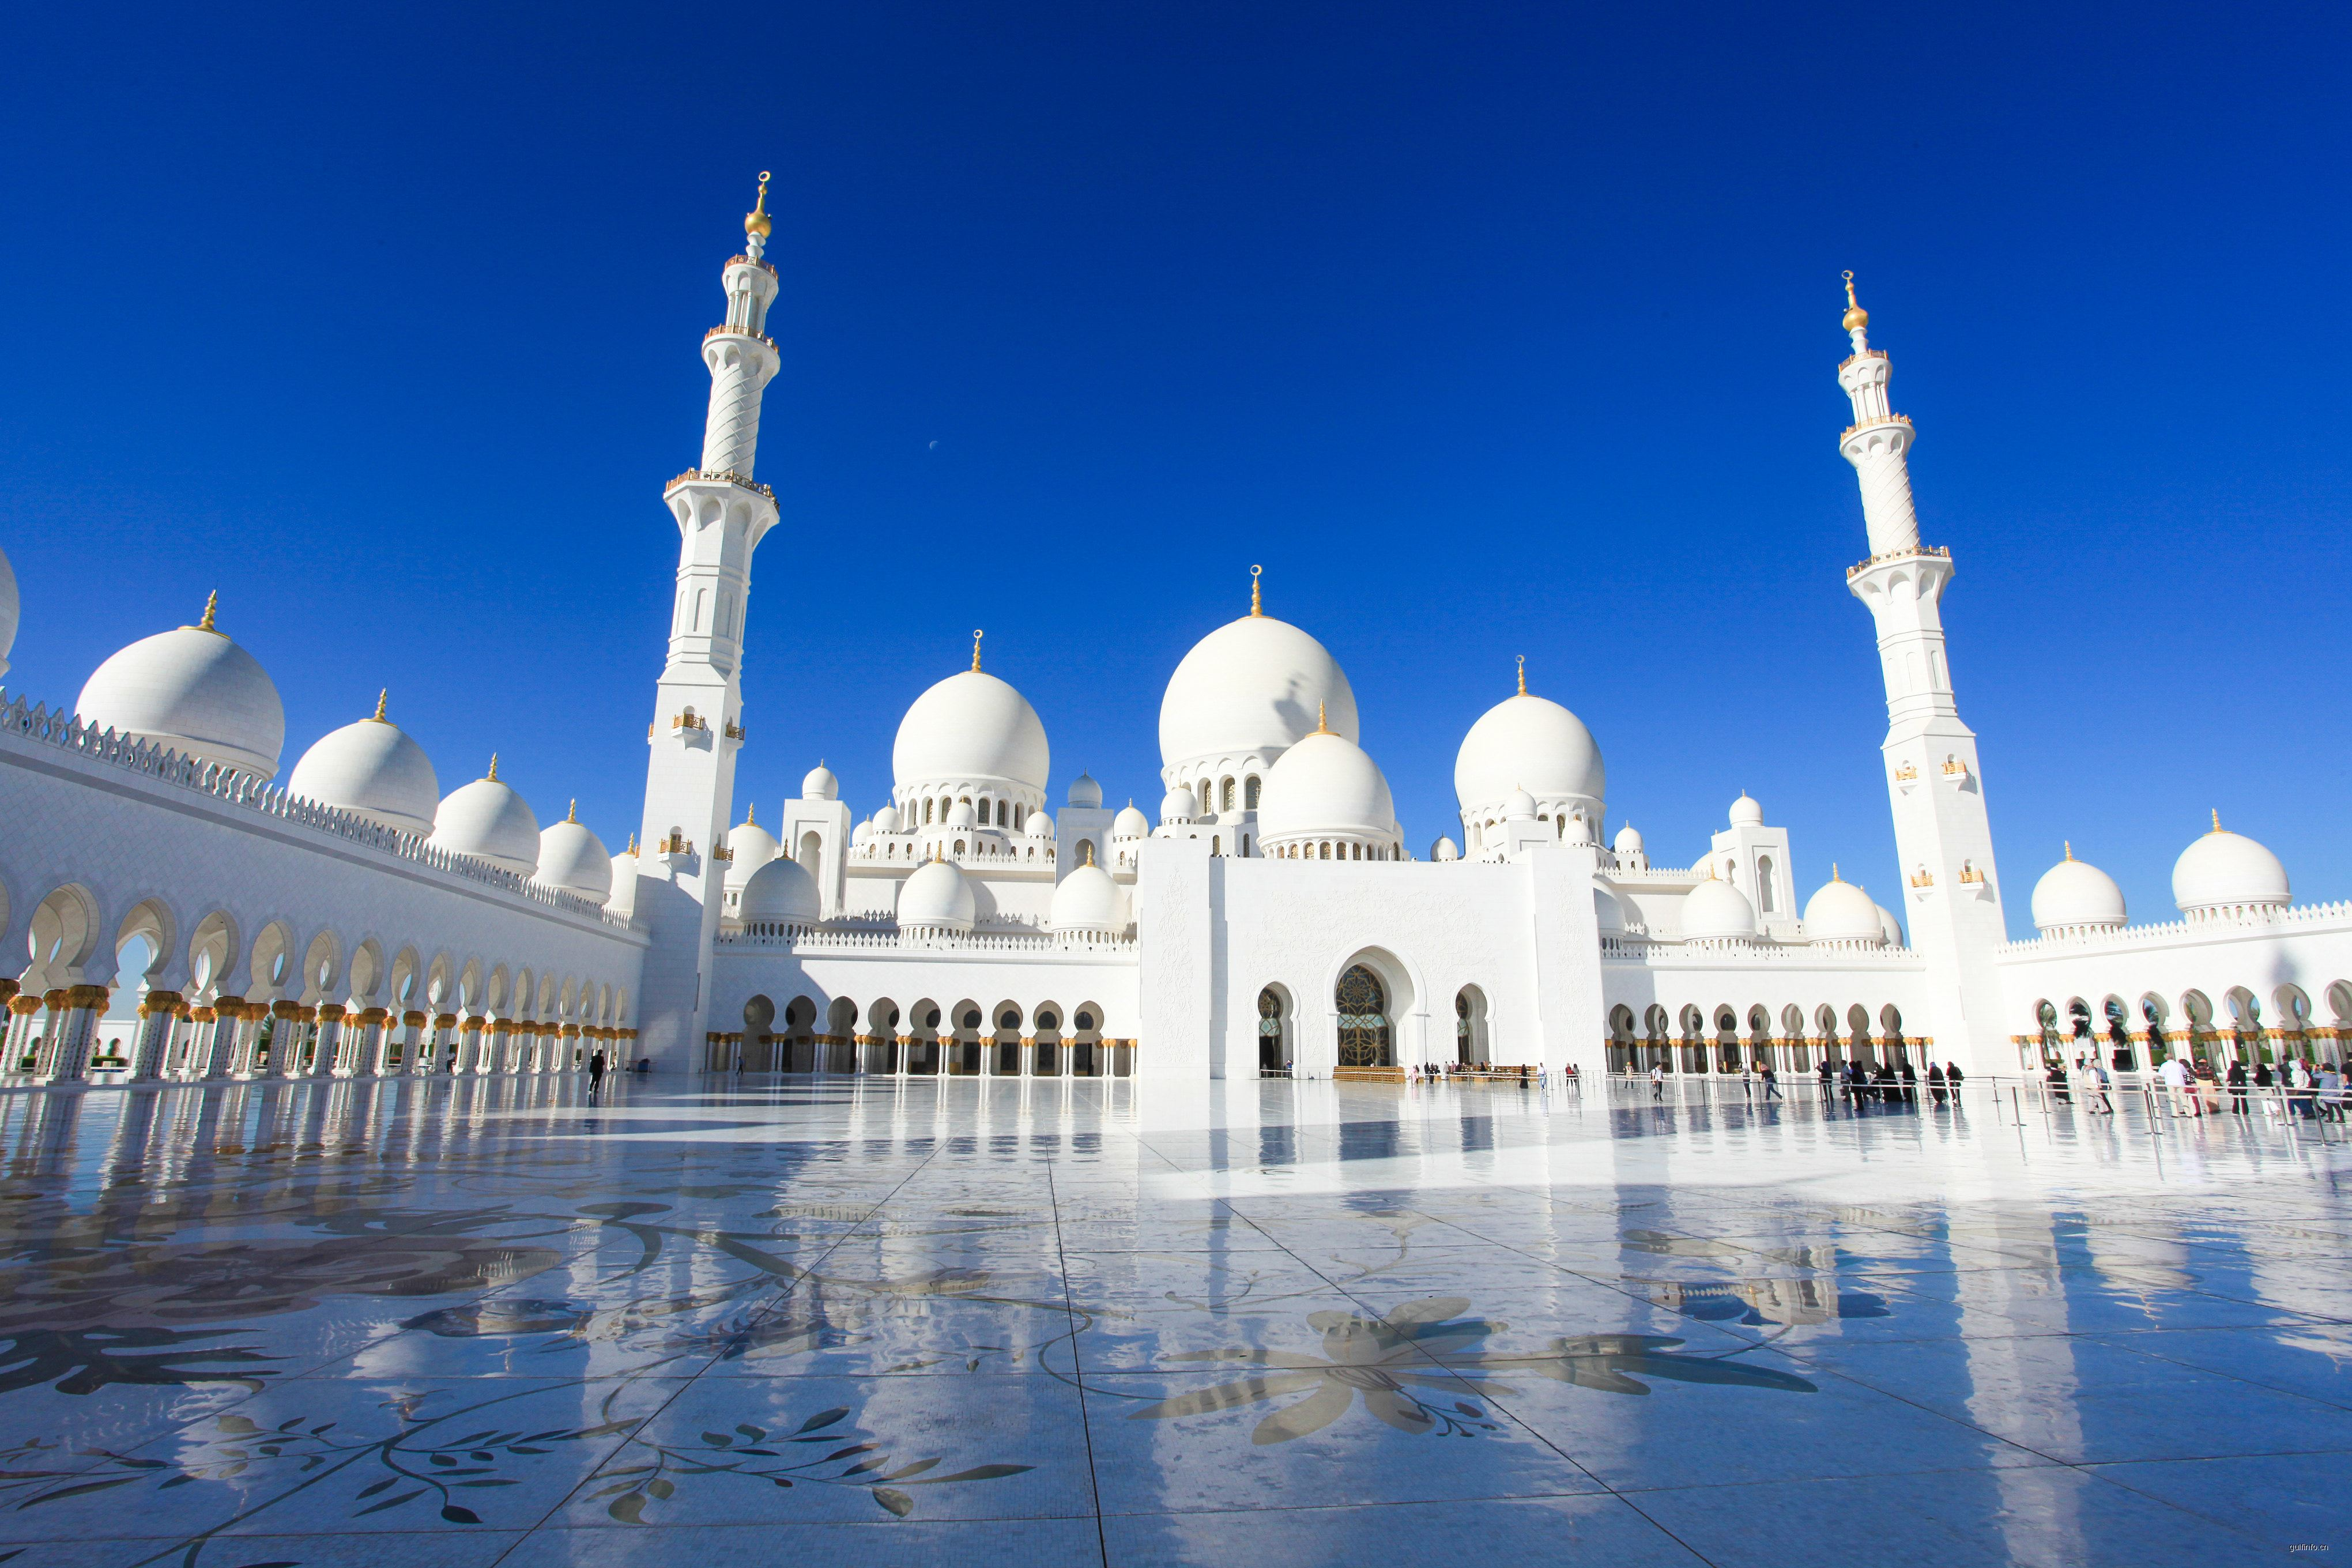 阿联酋政府推出经济刺激计划